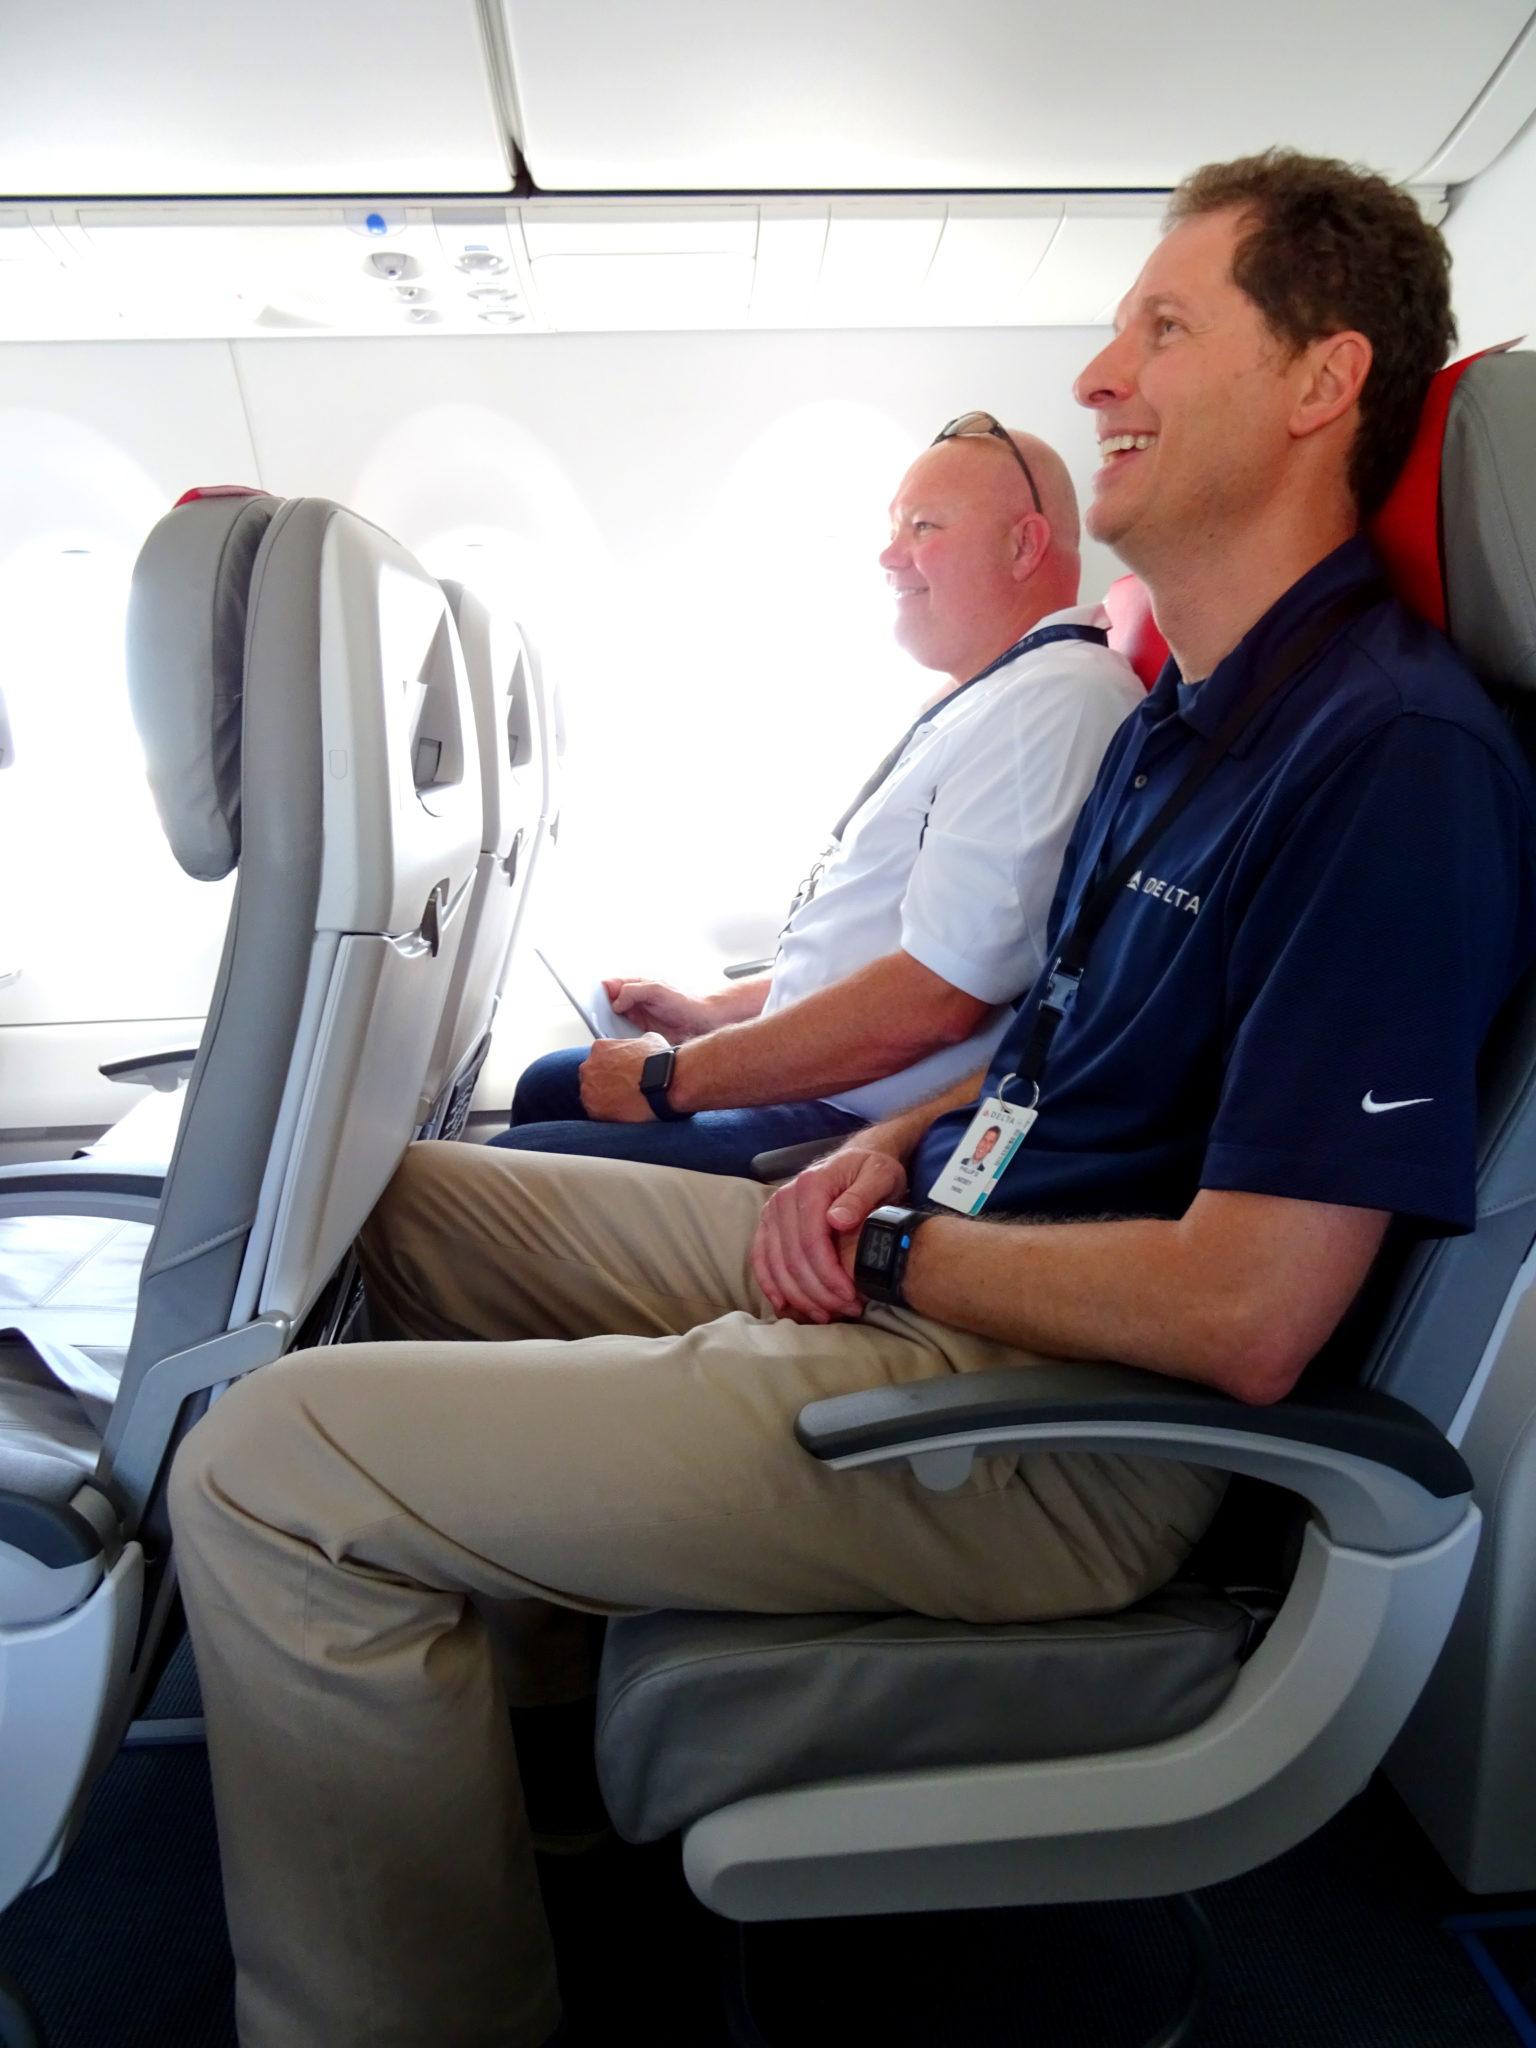 """This 6'4"""" Delta employee found the C Series economy seats spacious enough."""